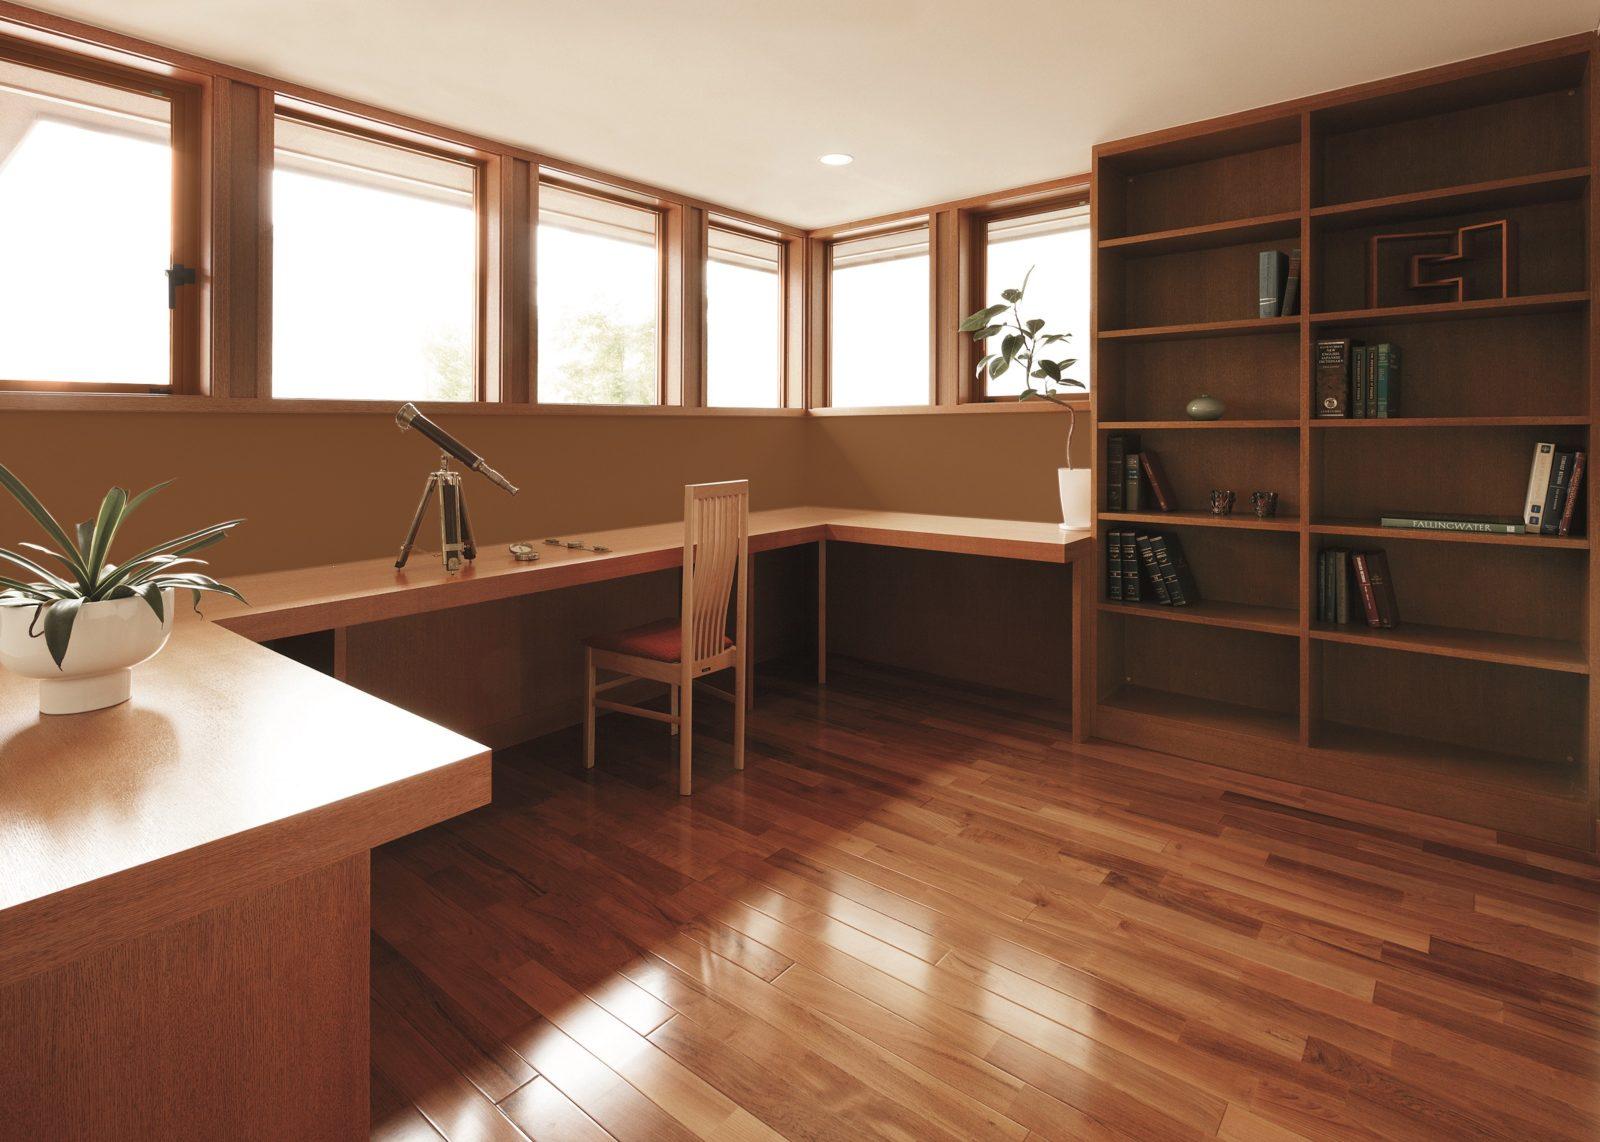 書斎・長い机と窓(キーストーン)オーガニックハウス北九州